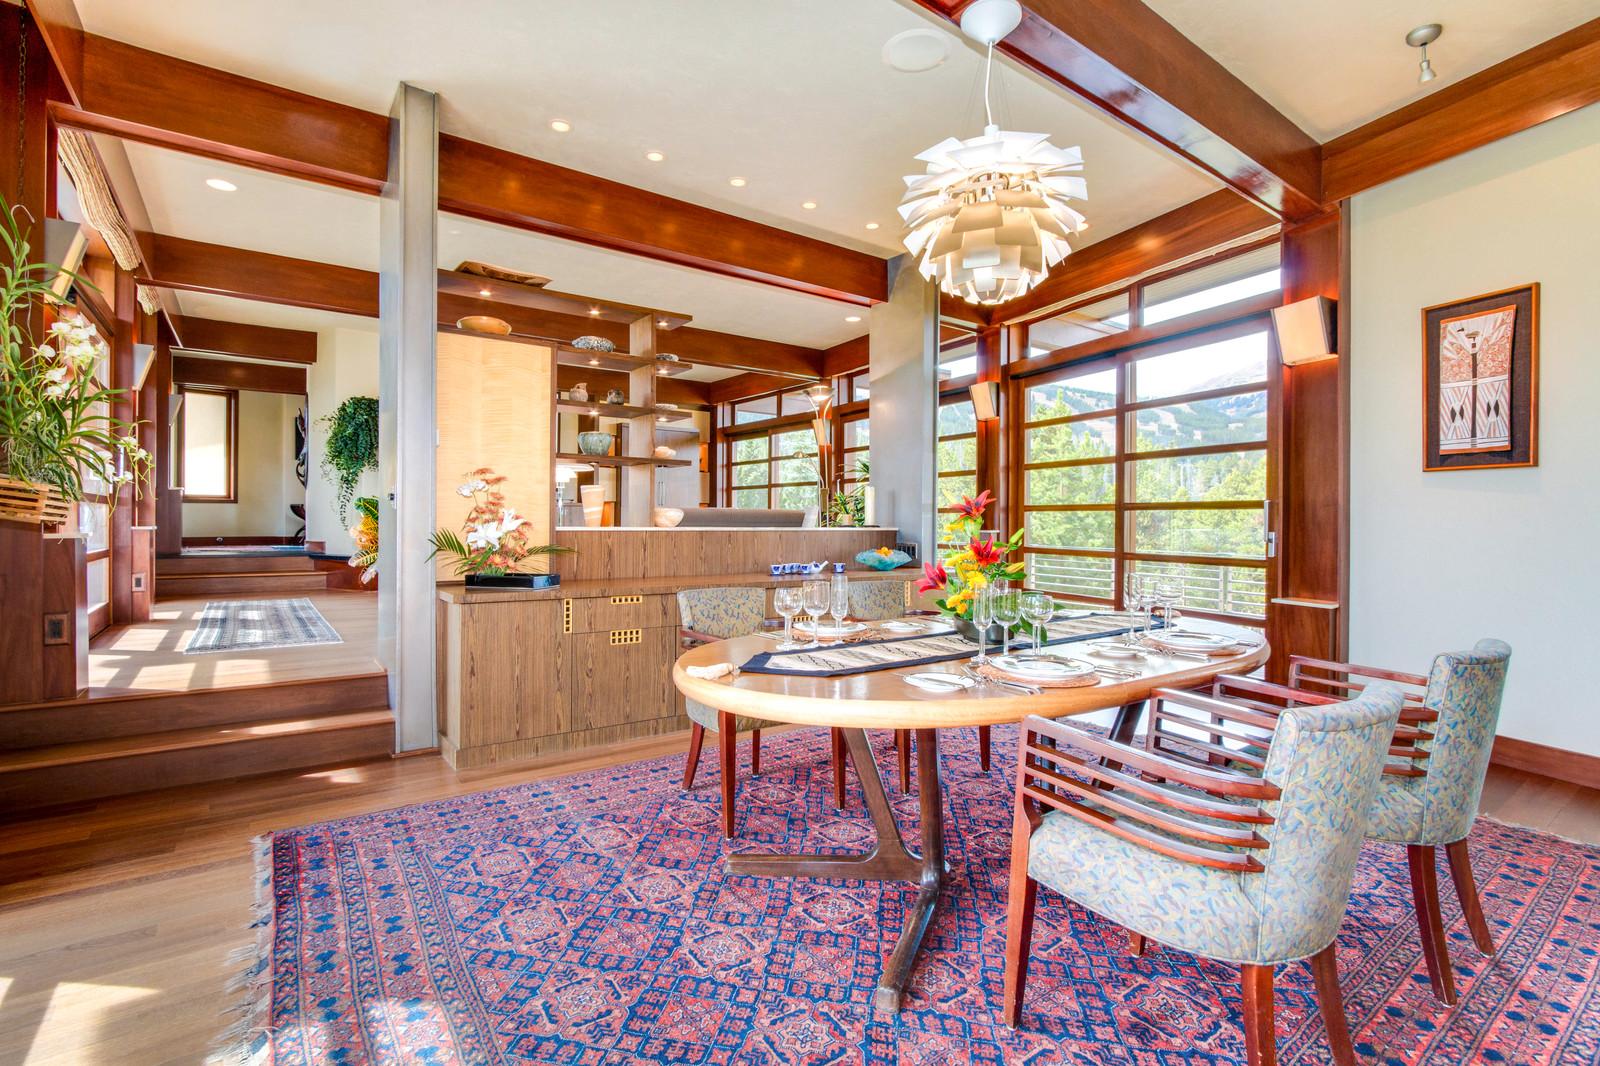 San Francisco, Solano County, Napa, Architecture Interior Photographer.  Design ...